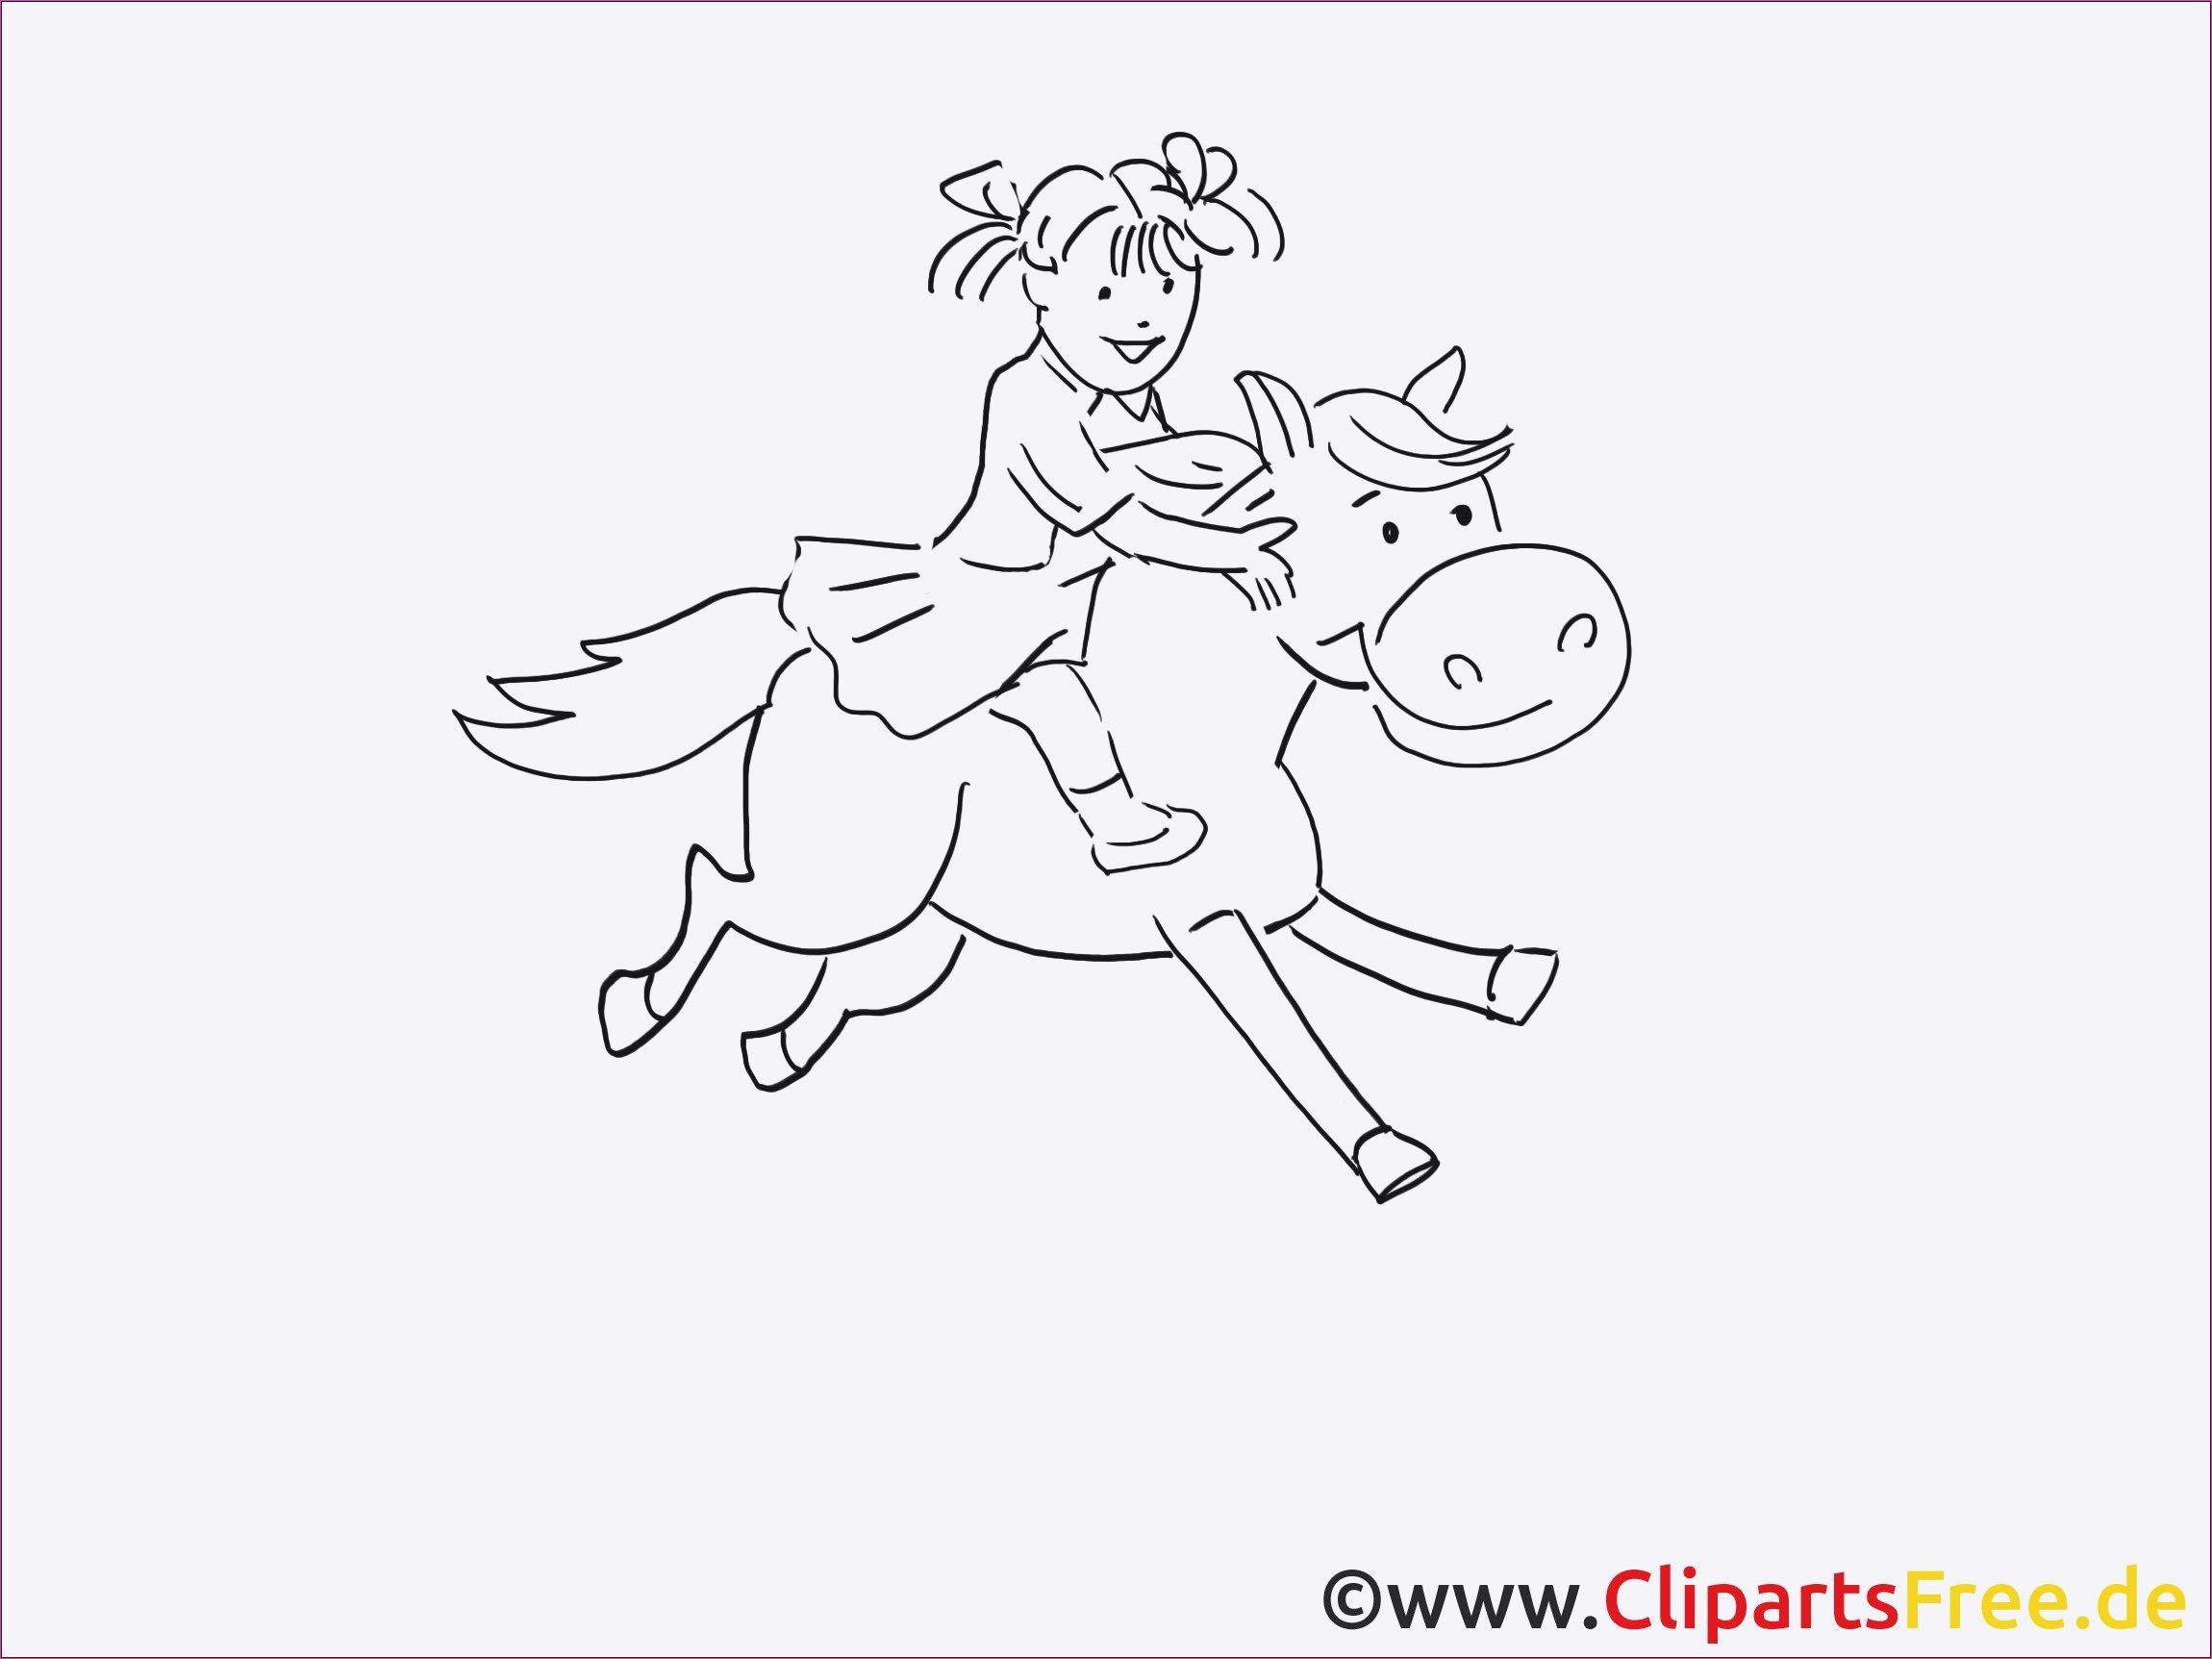 Einhorn Kopf Zum Ausmalen Inspirierend Ausmalbilder Pferde Mit Madchen Best Einhornkopf Ausmalbilder Das Bild